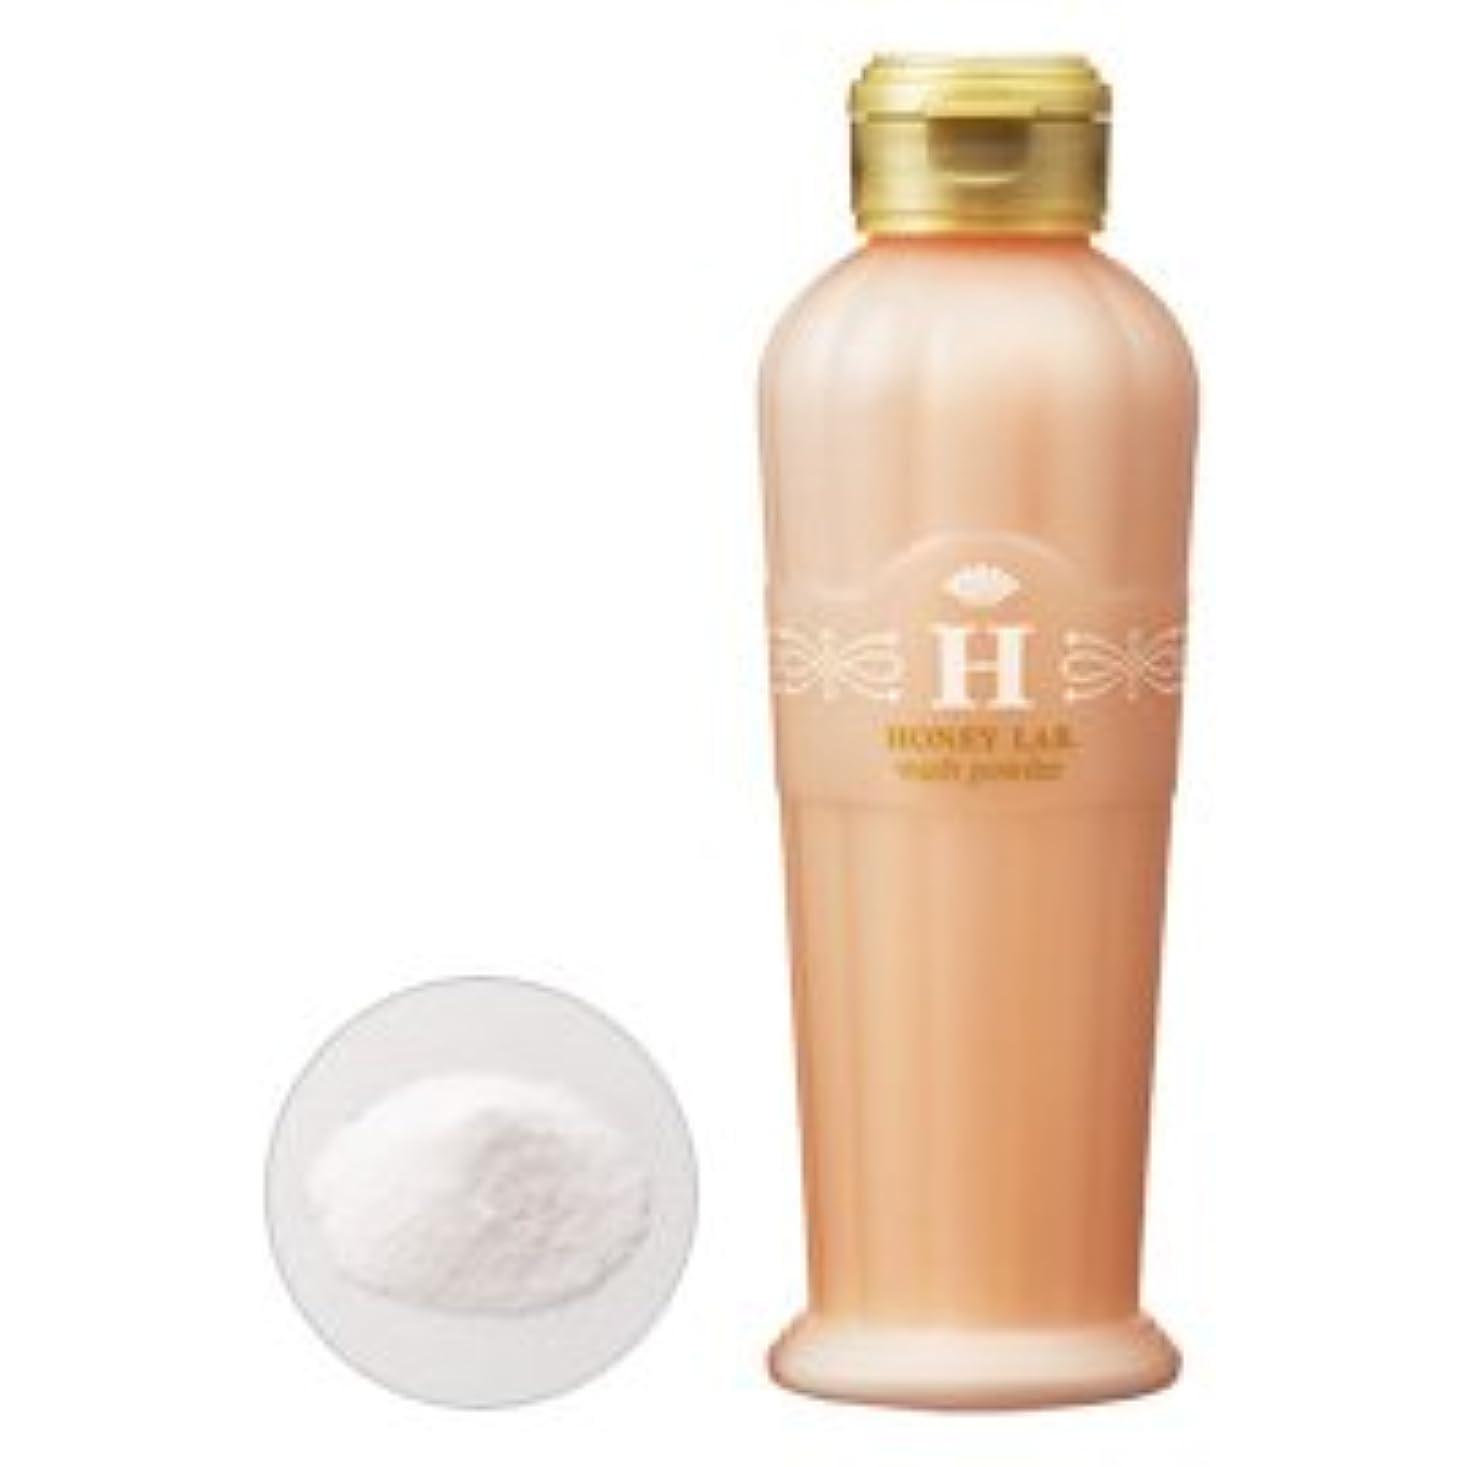 手当物理学者意味するハニーラボ 洗顔パウダー 粉末状洗顔料 60g/Honey lab Face Wash Powder <60g>